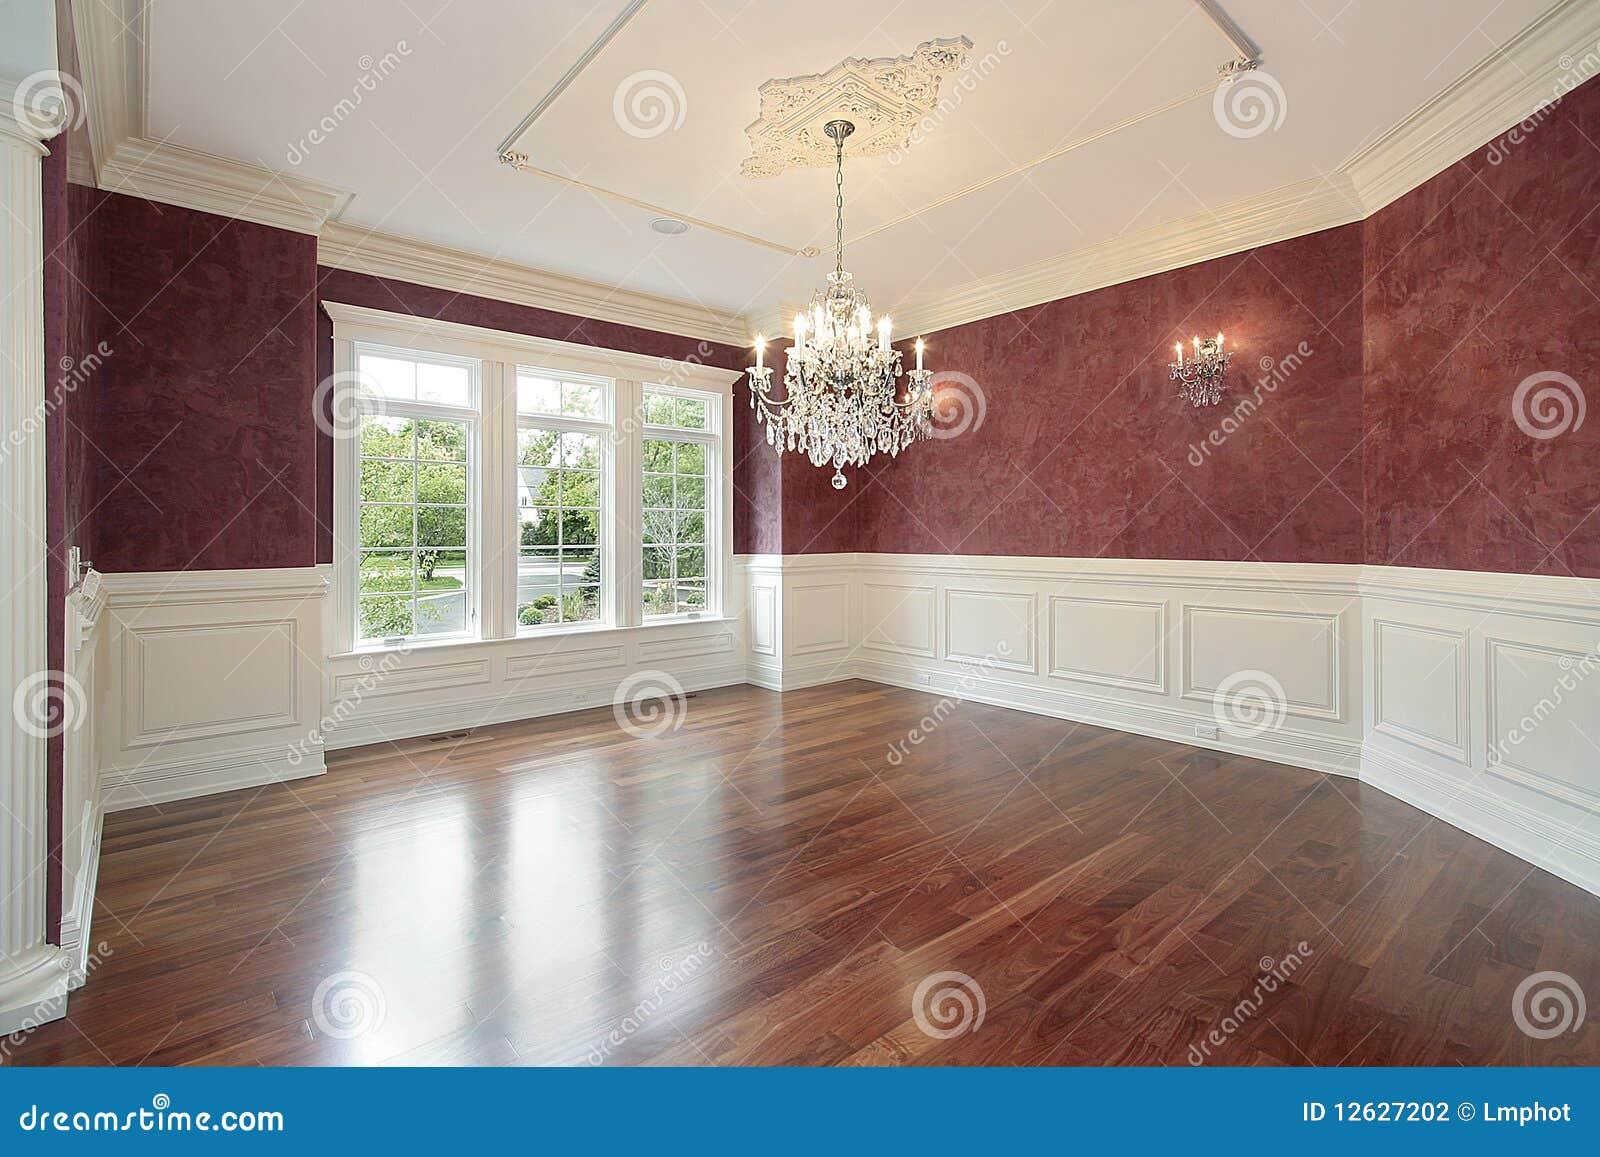 Sala Da Pranzo Con Le Pareti Rosse Fotografia Stock - Immagine: 12627202